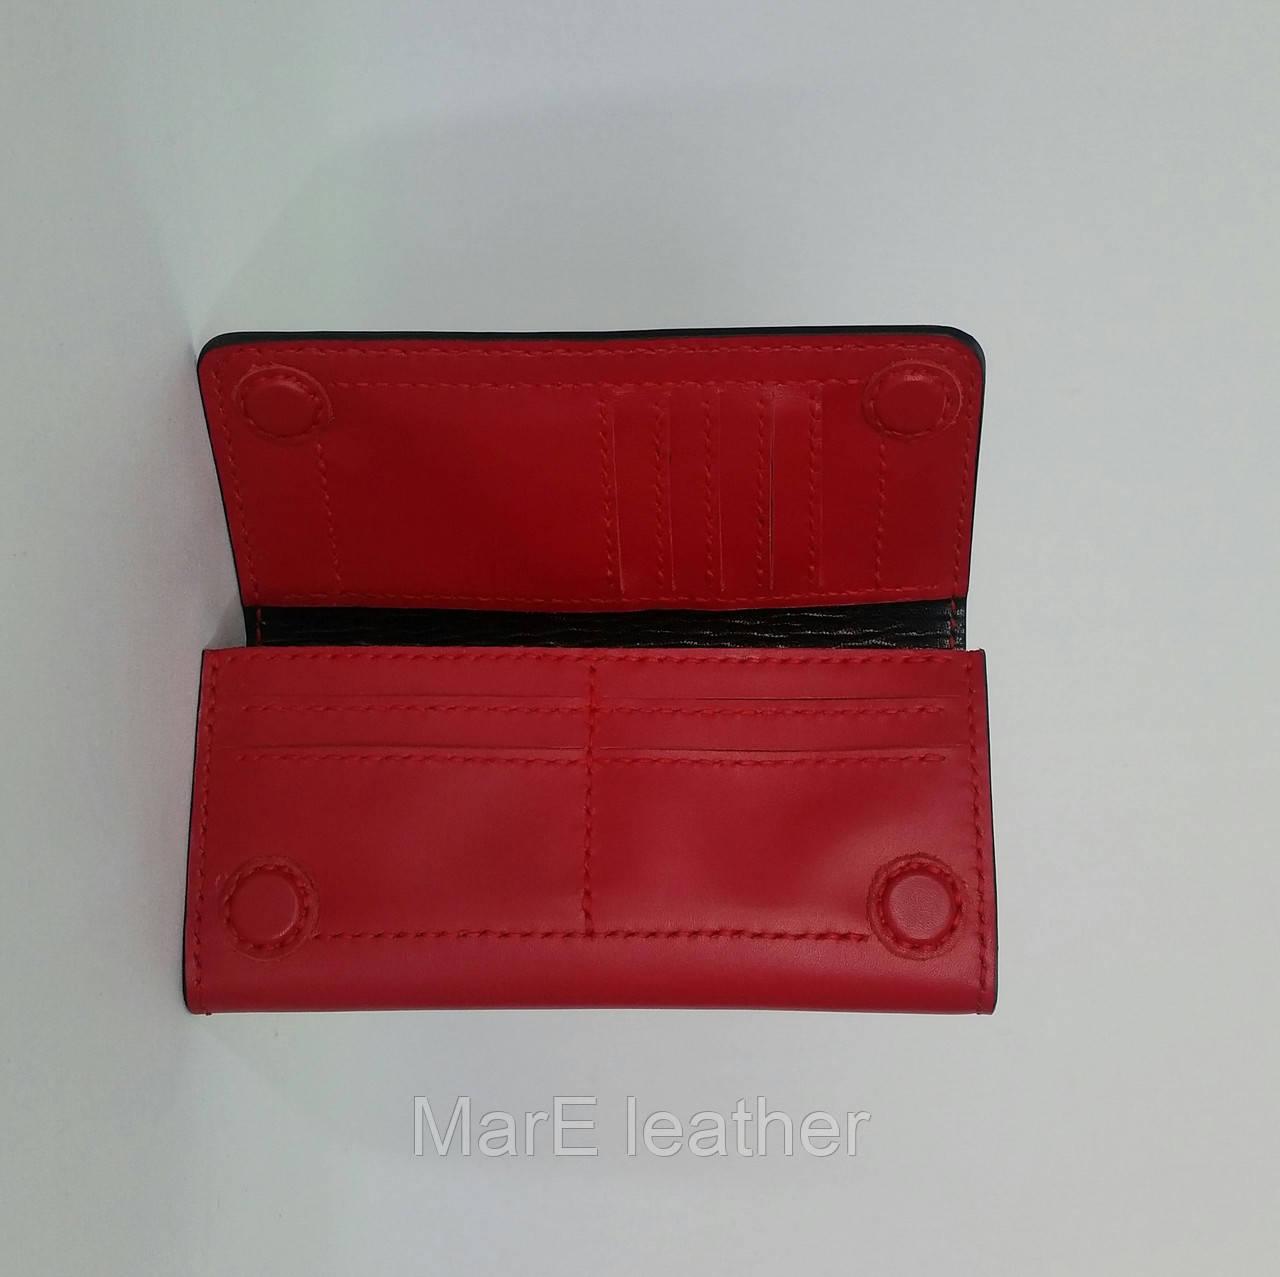 b62920a7fe81 ... Большой красный женский кошелек ручной работы из итальянской кожи, ...